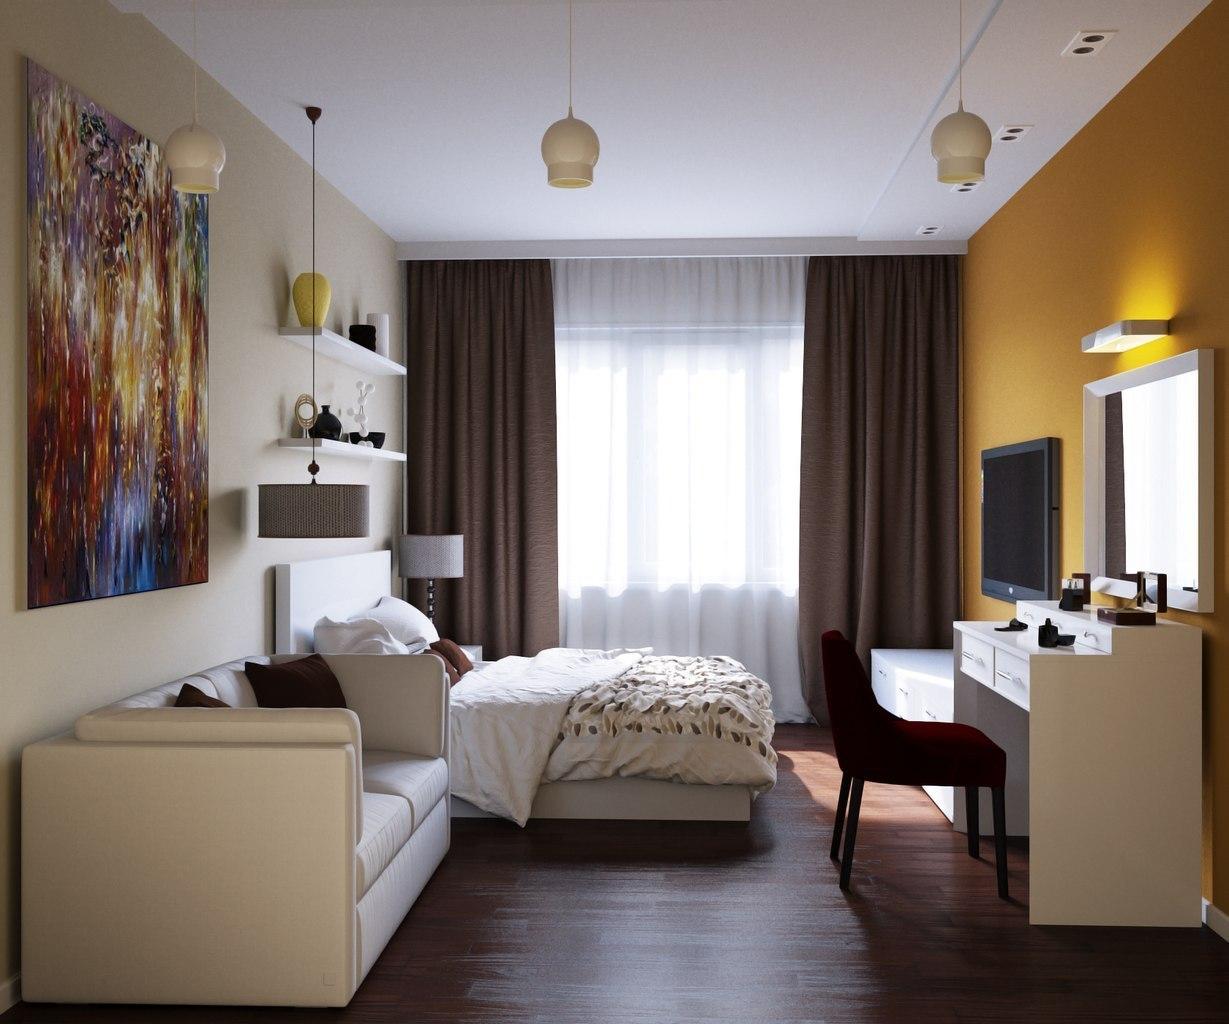 Дизайн 1 комнатной квартиры 48 квм с выделенным спальным местом